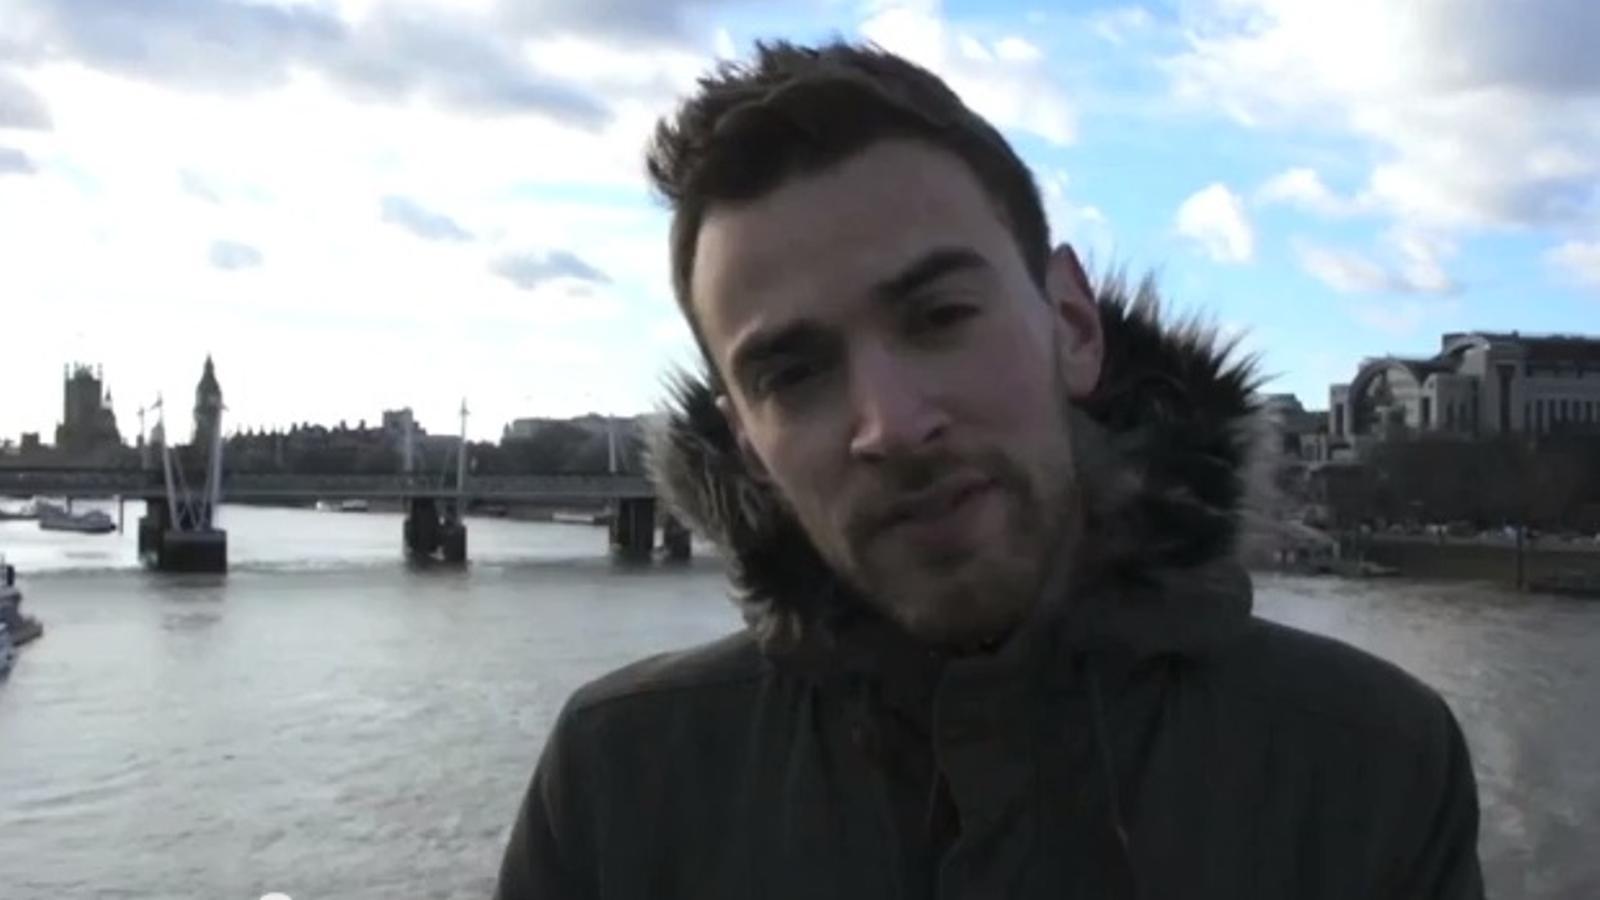 Troba, després de sis anys i gràcies a les xarxes, l'home que va impedir que se suïcidés